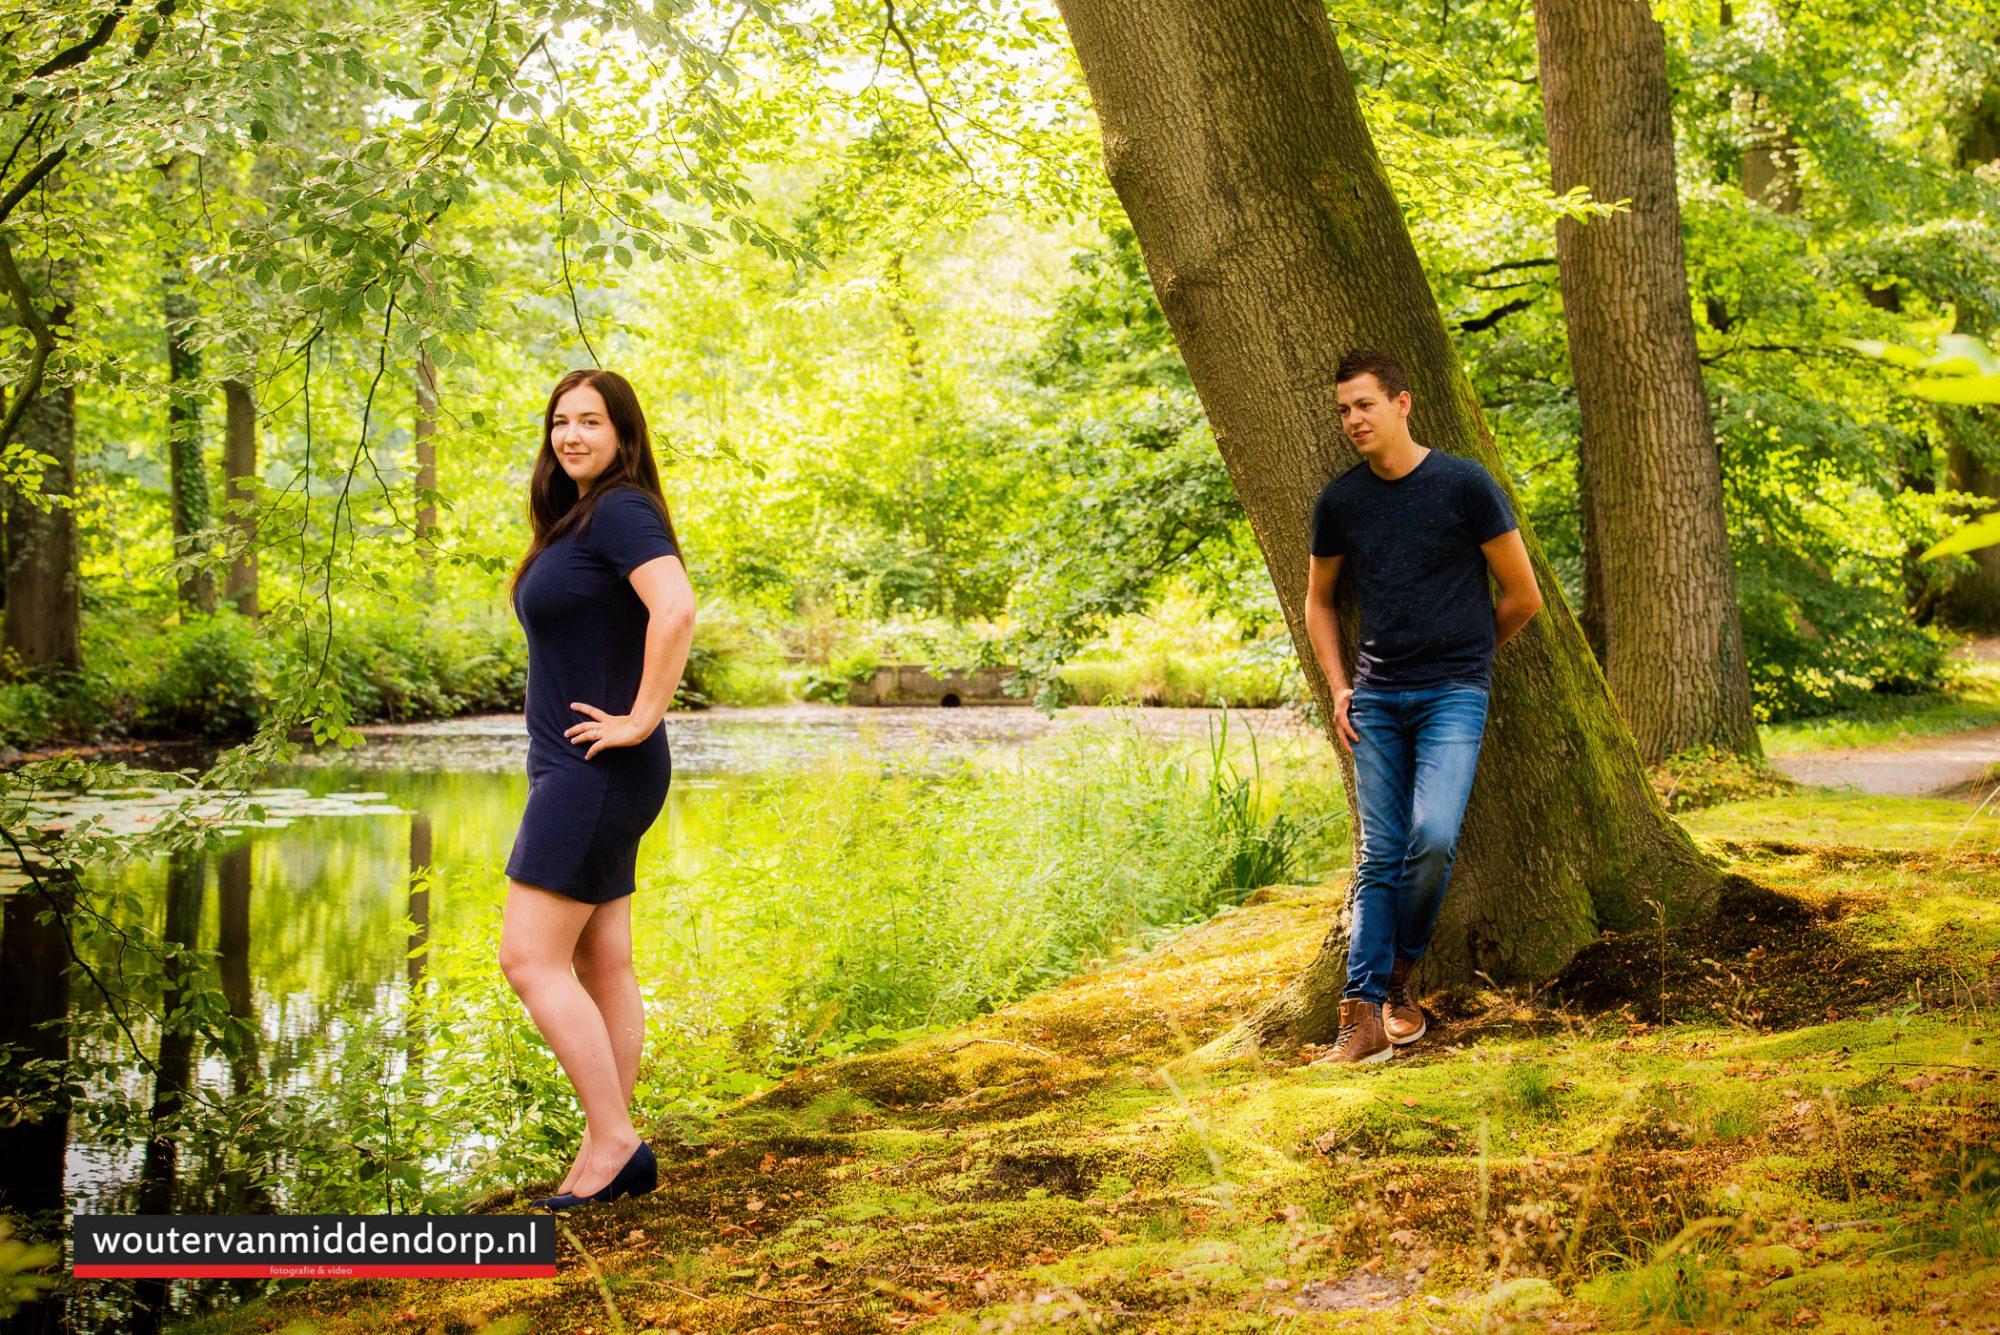 fotografie-wouter-van-middendorp-omgeving-ermelo-18